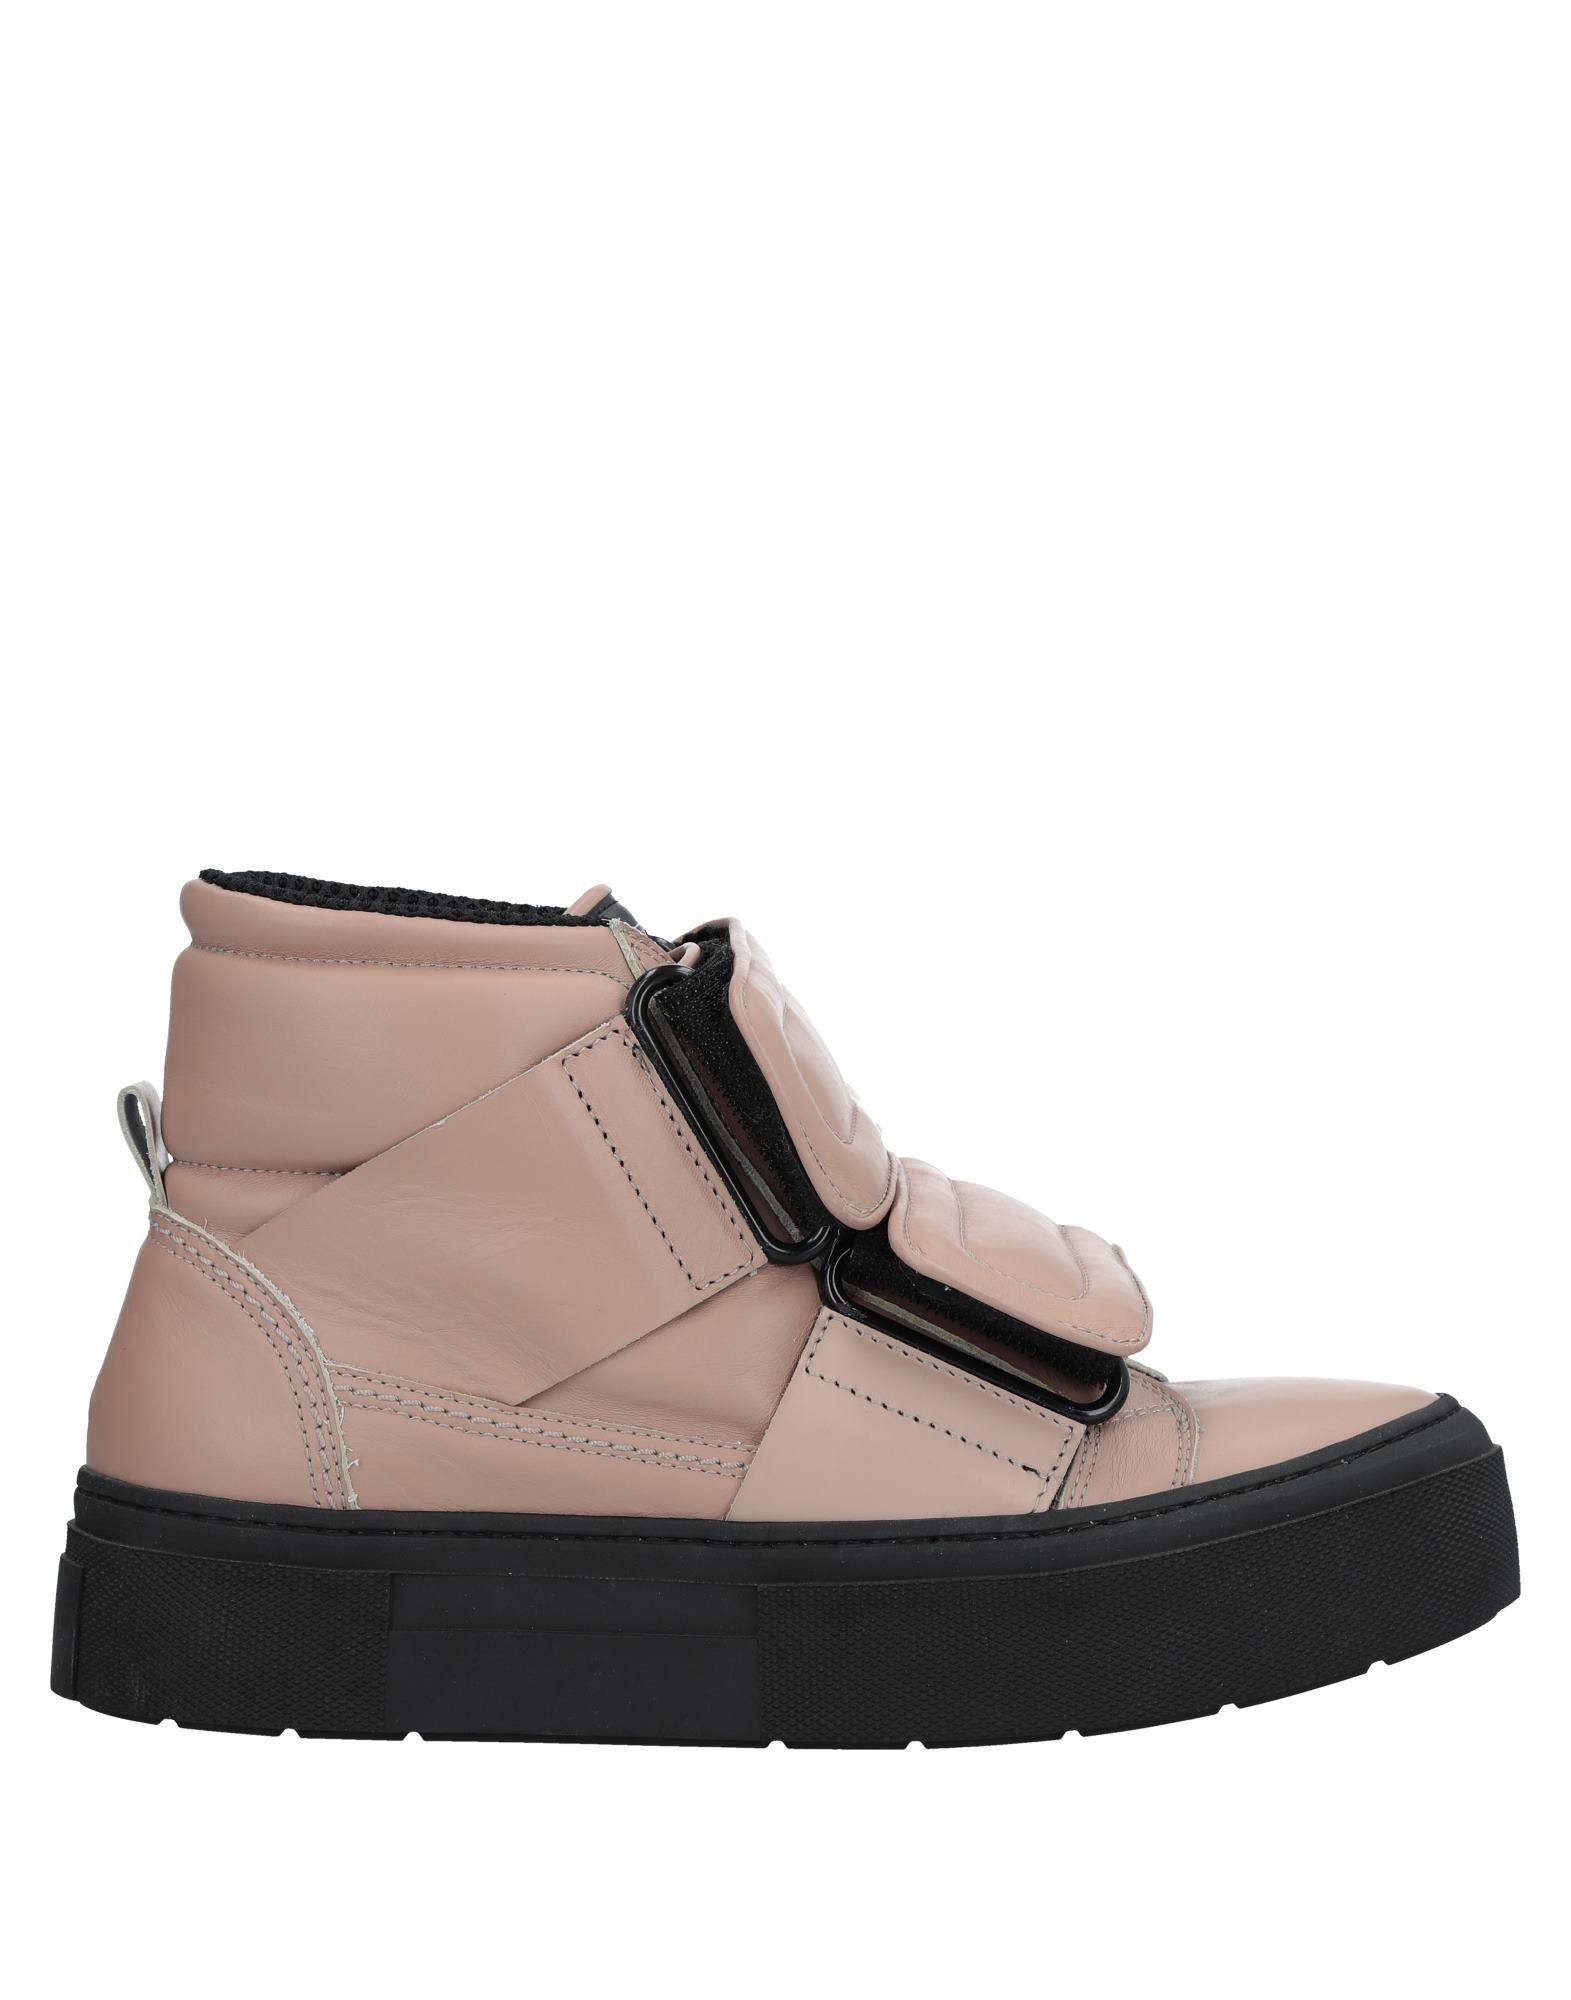 Stilvolle billige Schuhe O.X.S. Sneakers Damen  11533718KN